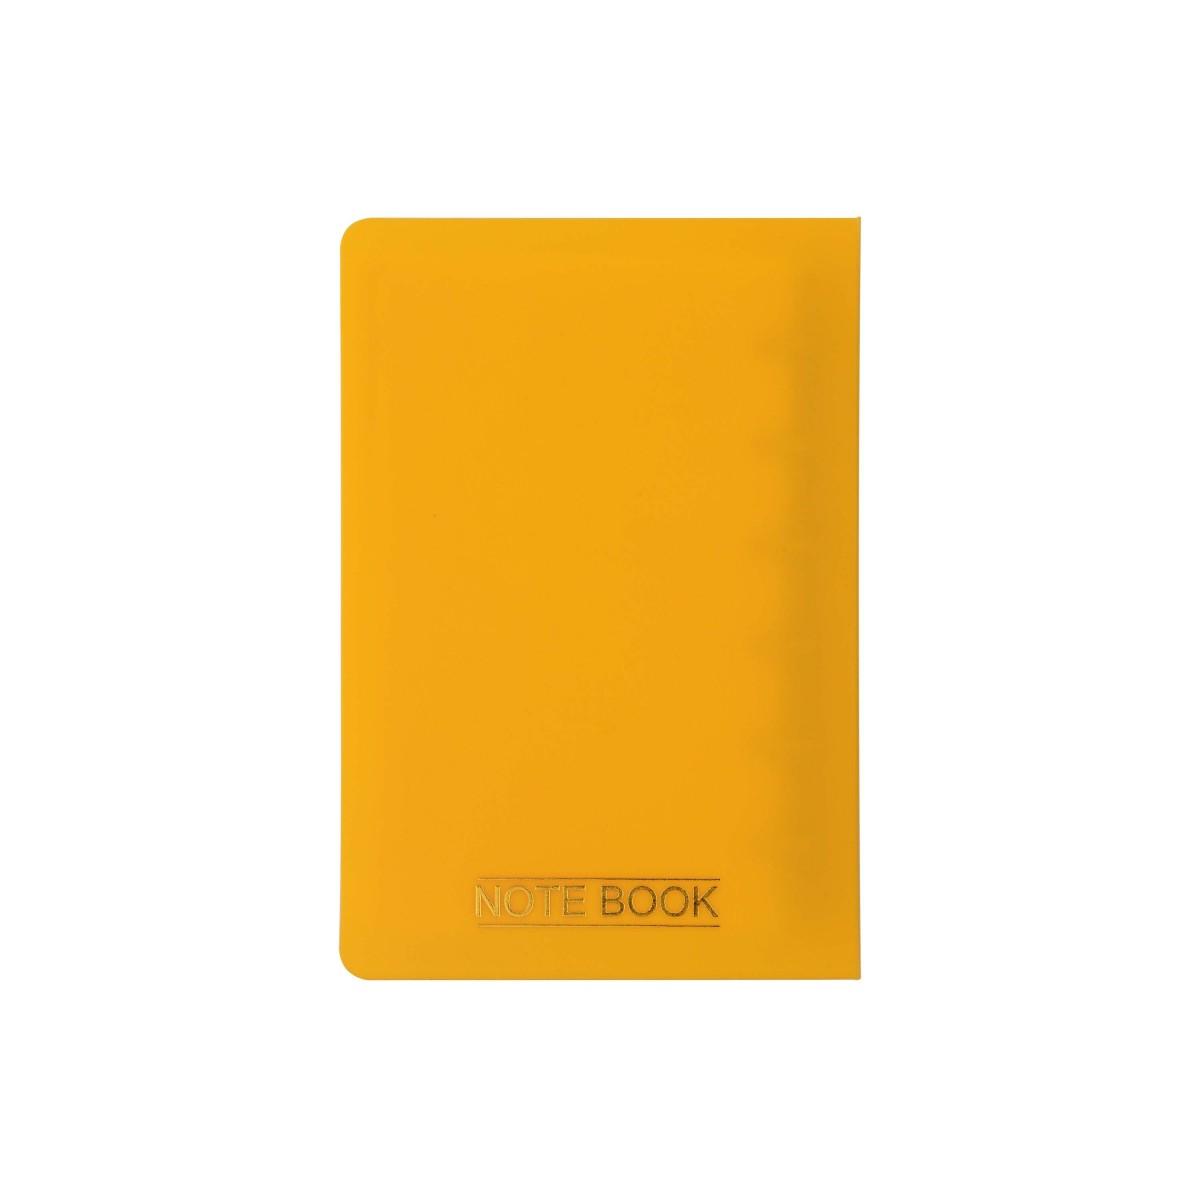 دفتر یادداشت 120 برگ پاپکو مدل  NB-638 کد HT01